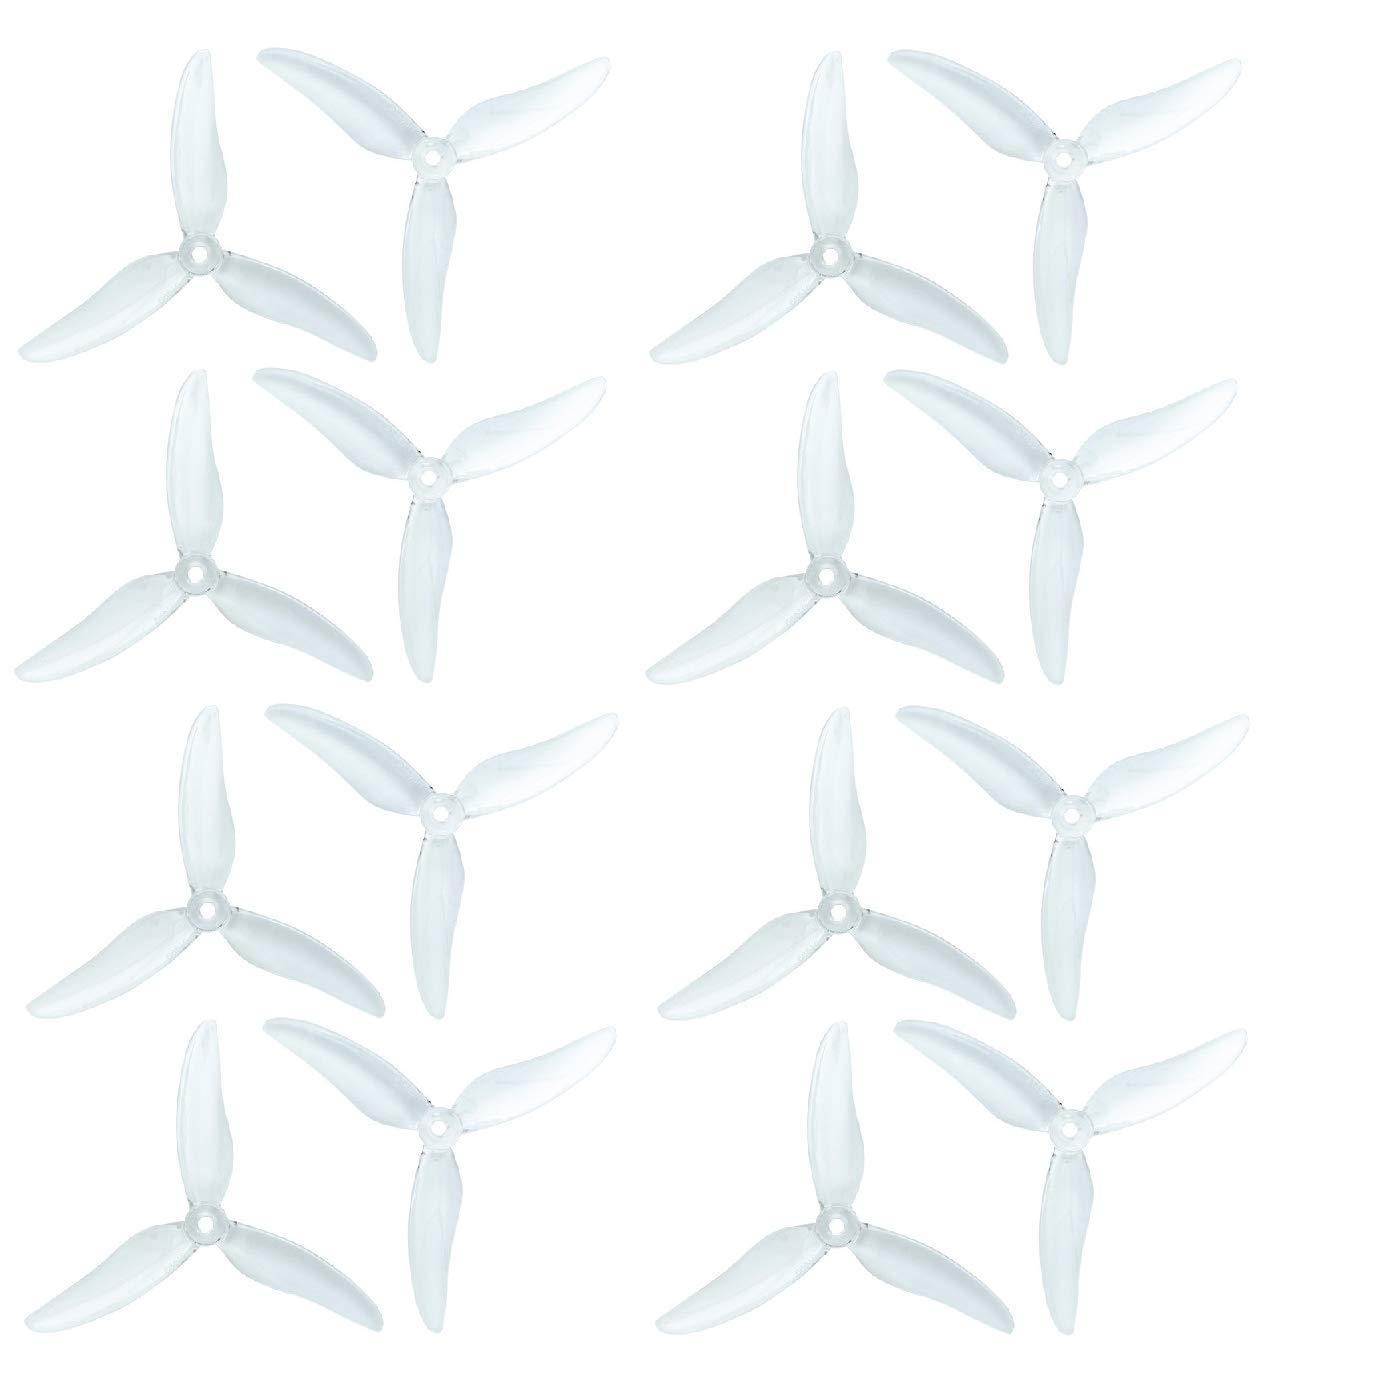 RAYCorp 純正Gemfan 51499 3ブレード (5.1x4.9x3) プロペラ 16ピース(8CW、8CCW)クリスタル - ポリカーボネート 5.1インチ 三枚羽 クアッドコプター & マルチローター プロペラ + RAYCorp バッテリーストラップ B07LDDY7XY